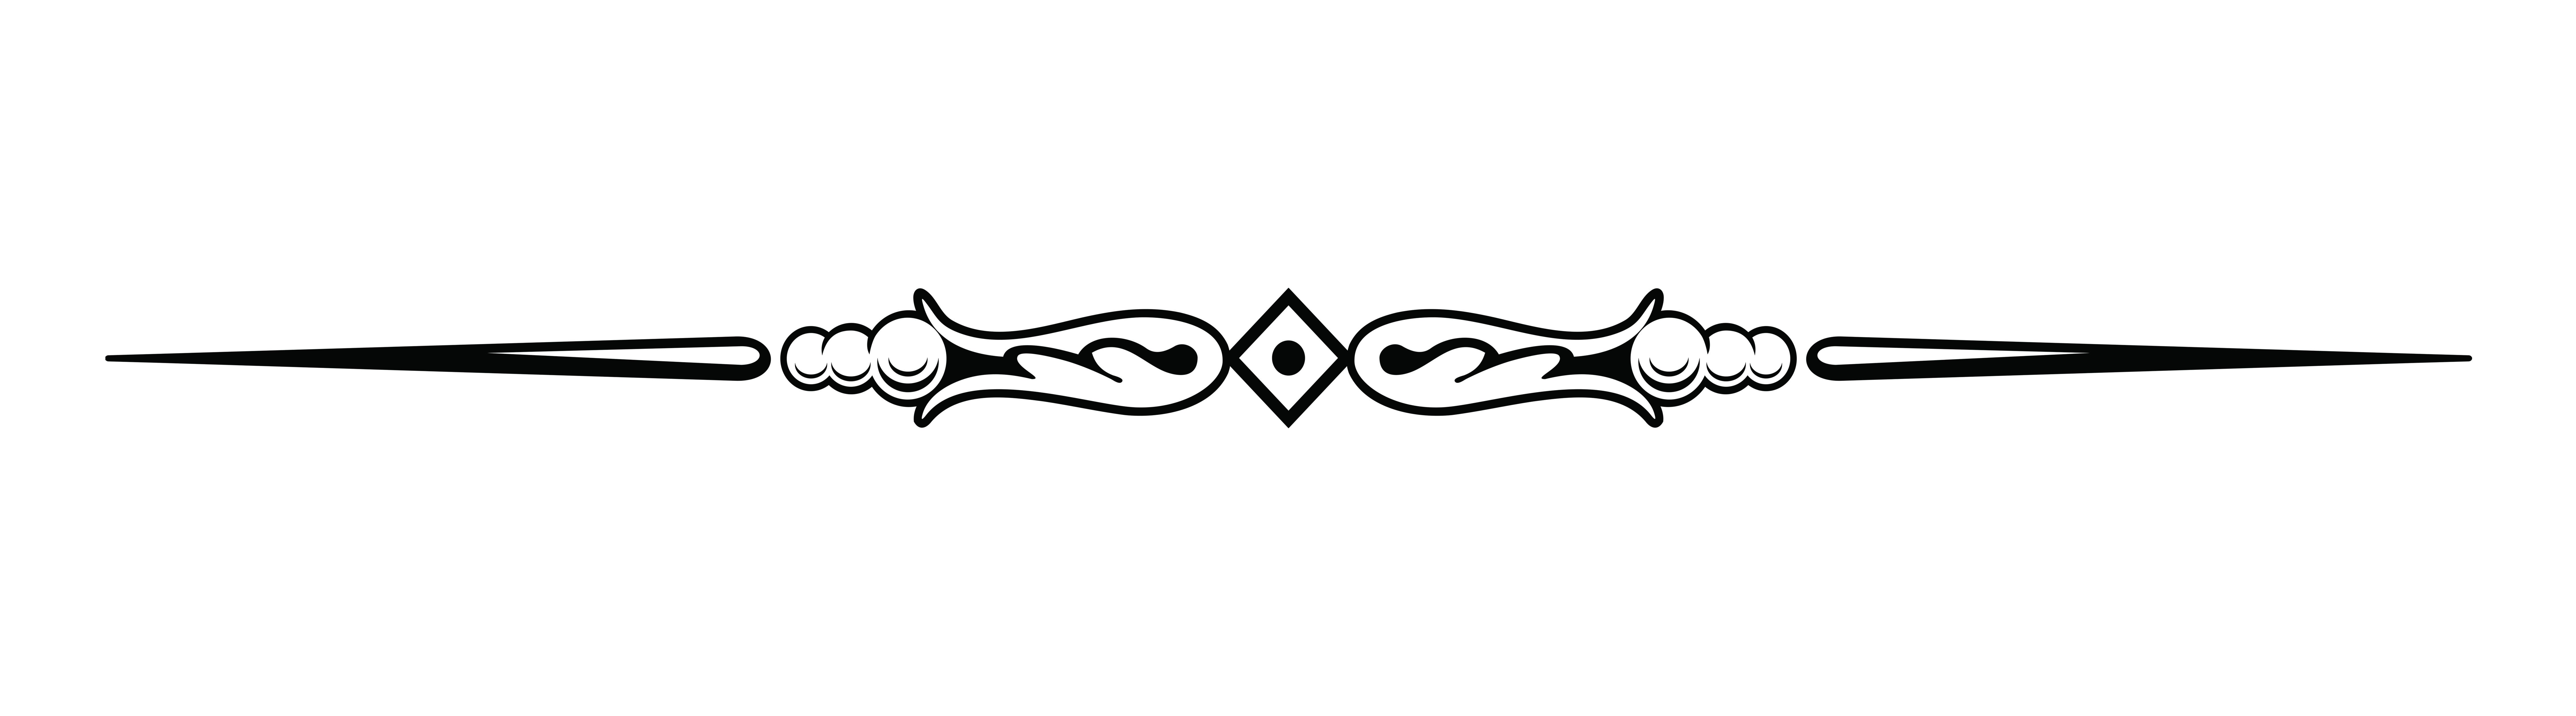 Black Line Divider Clipart-Black Line Divider Clipart-1